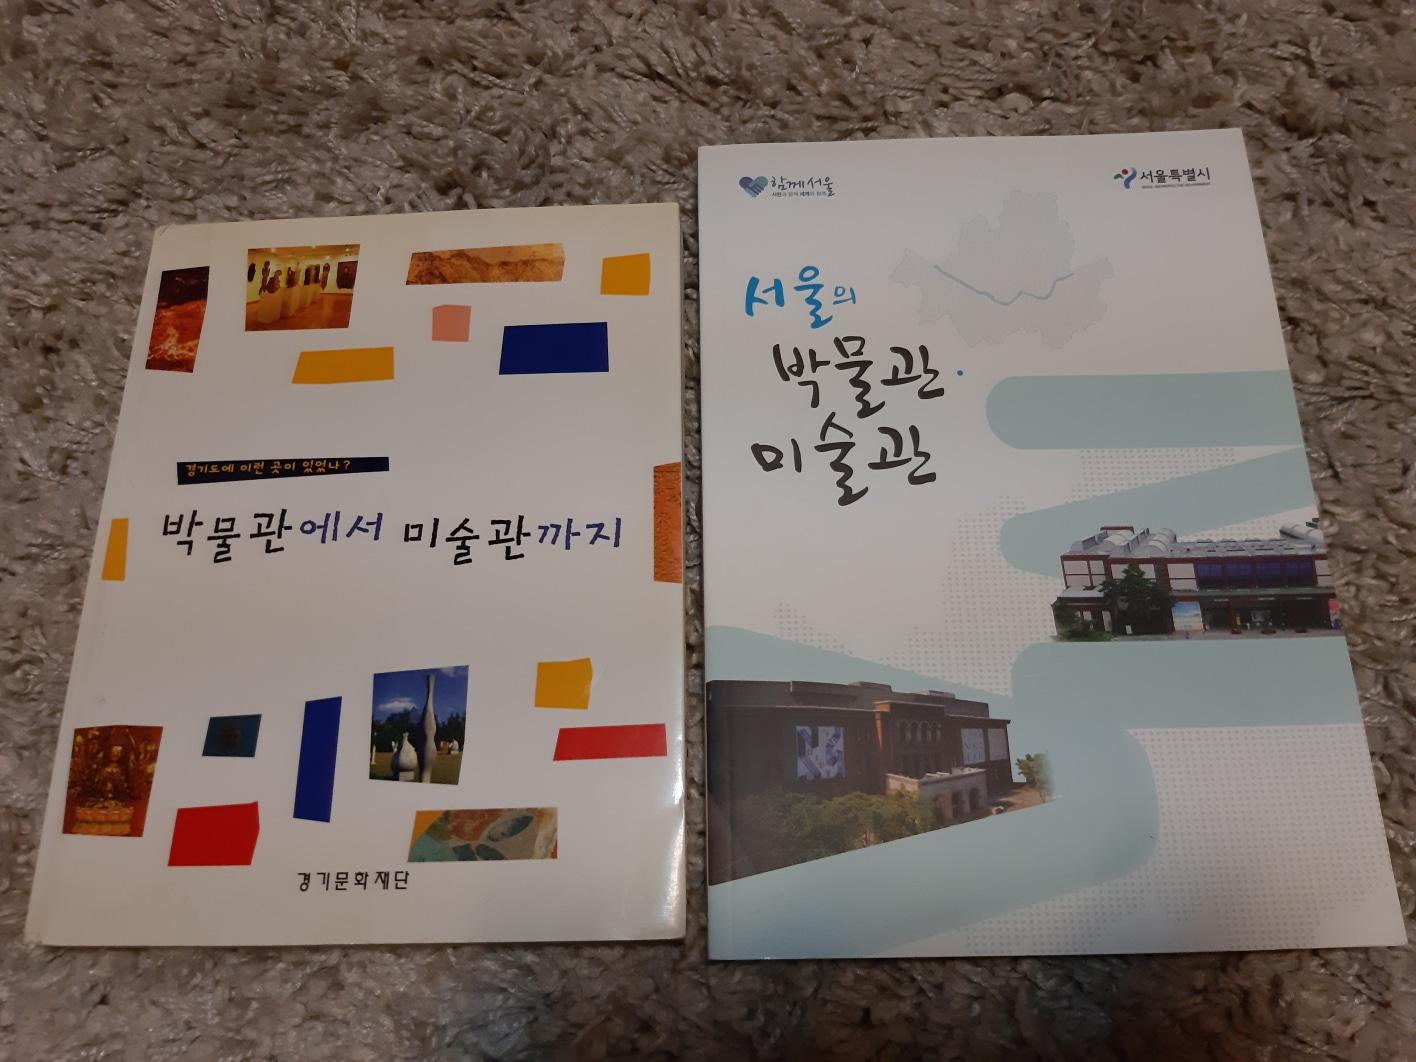 서울과 경기도의 박물관, 미술관